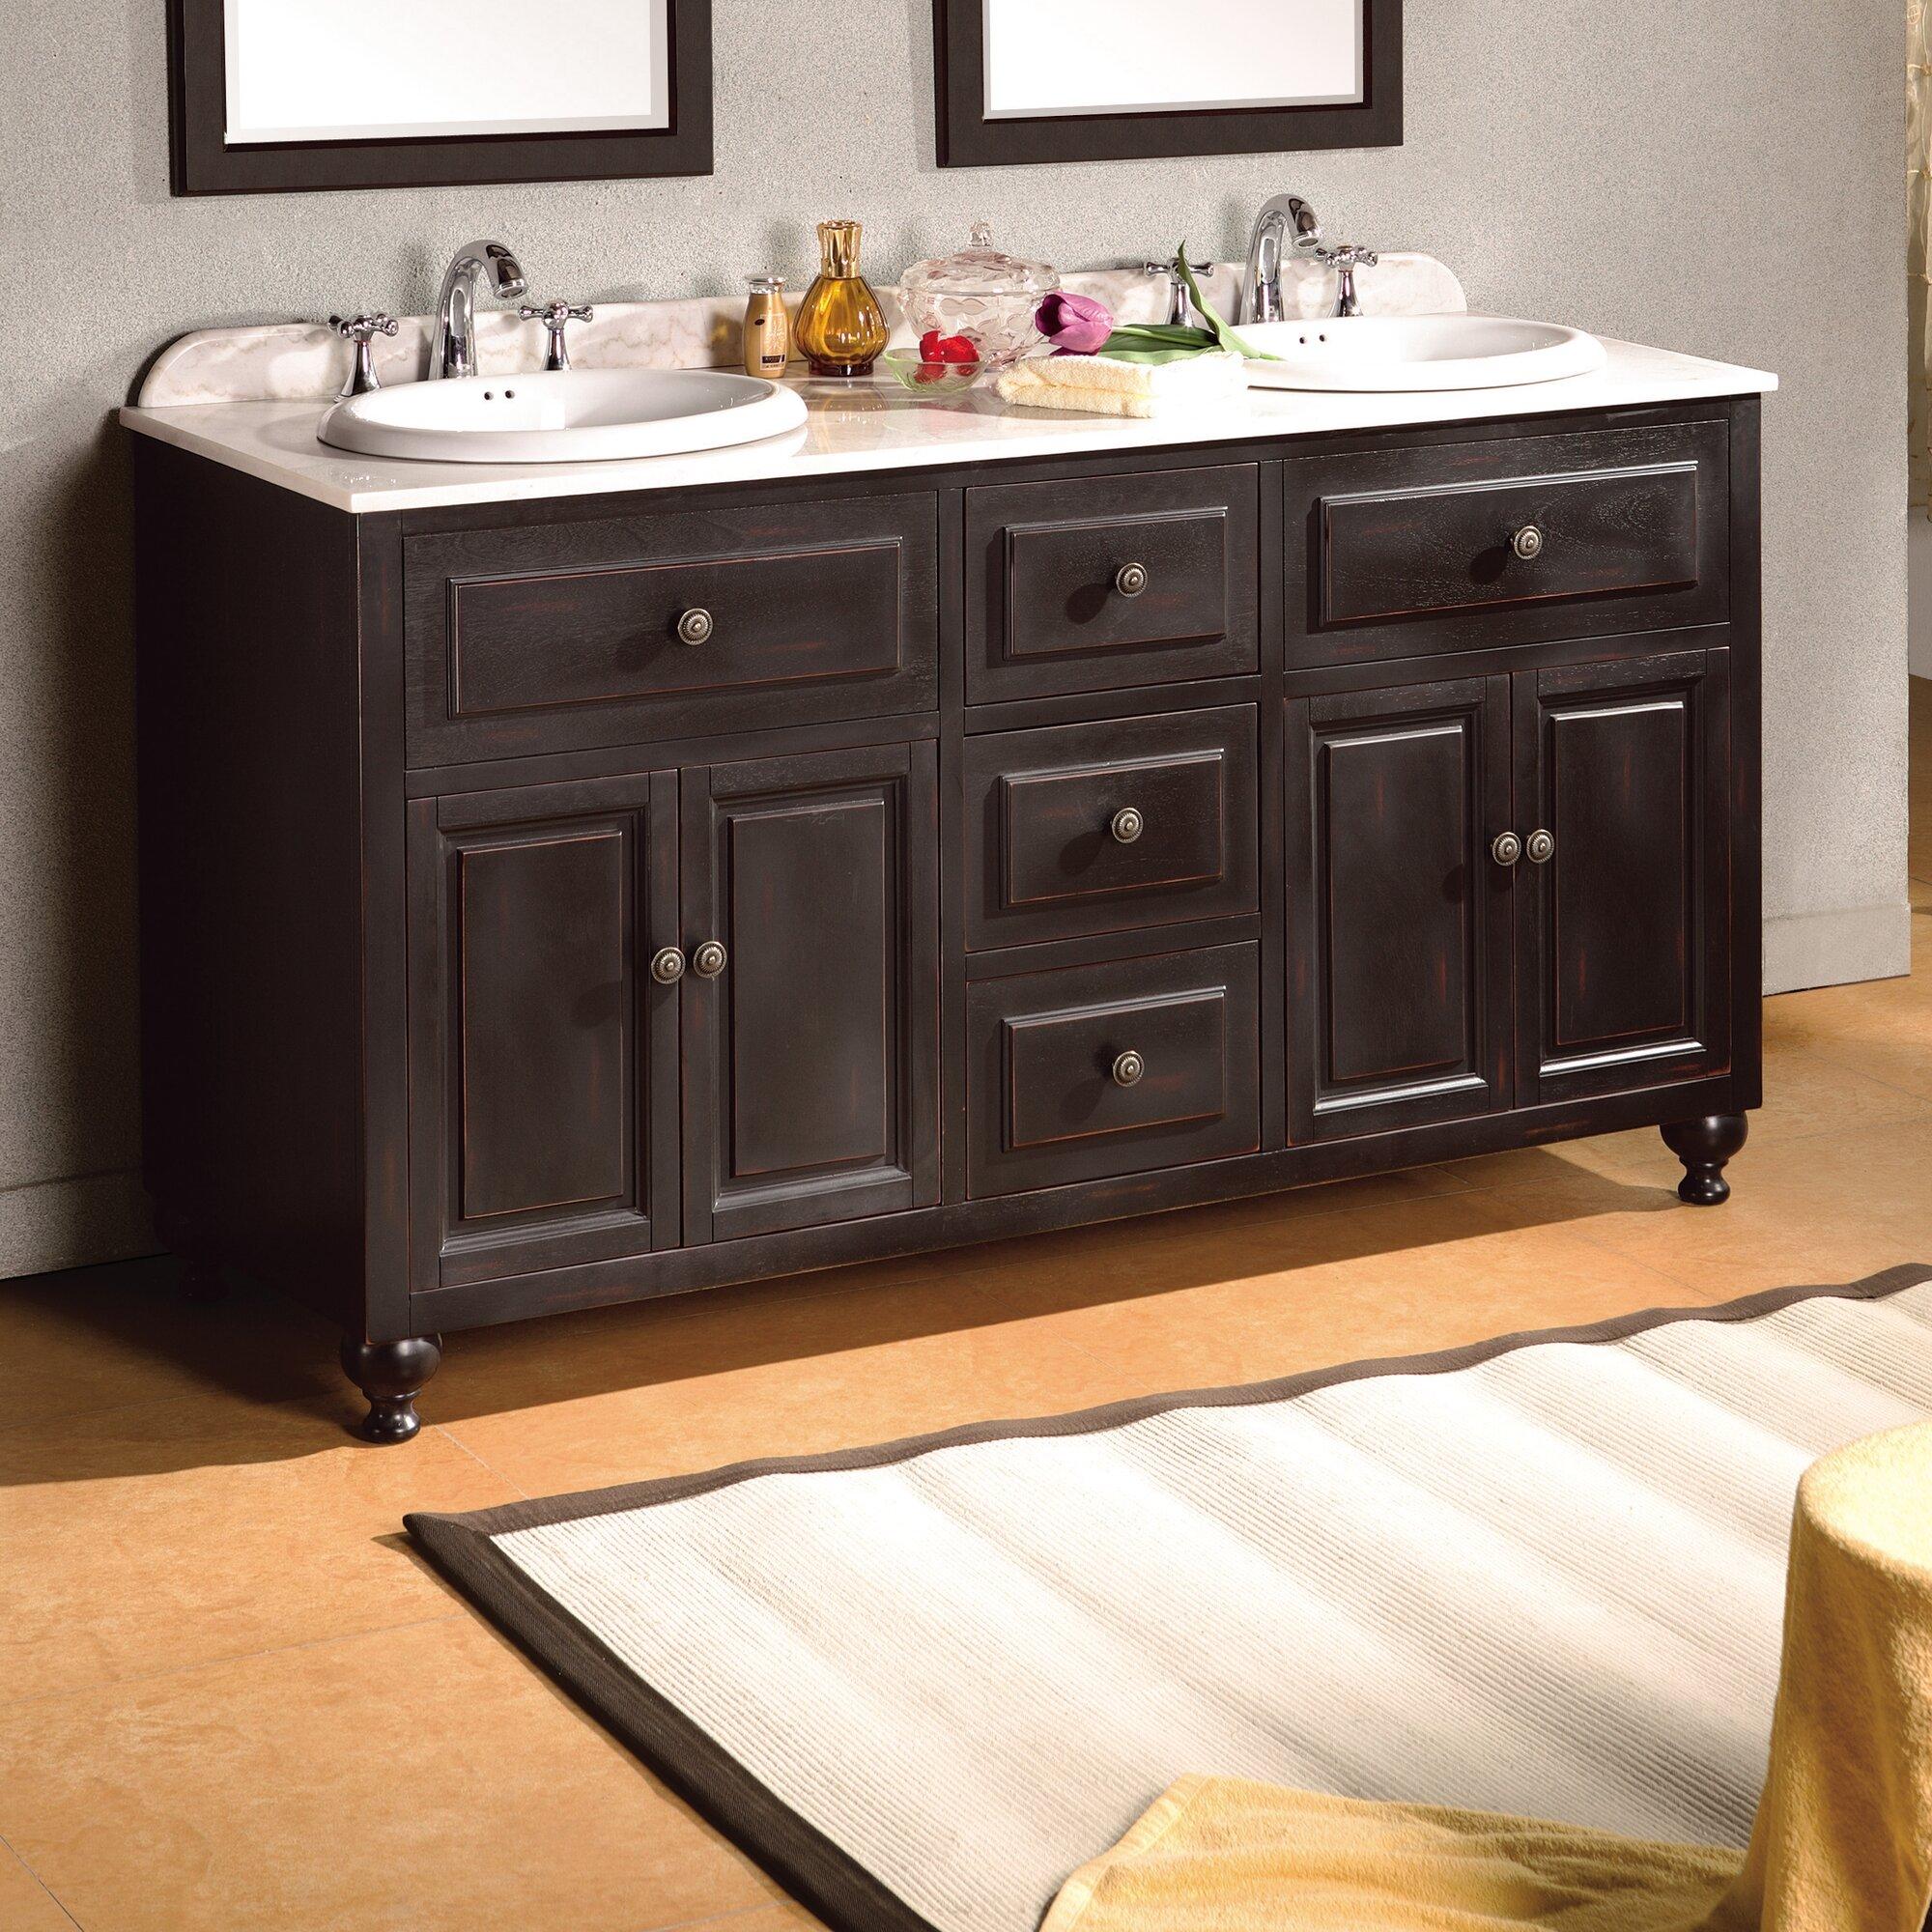 london 60 double bathroom vanity set - Ove Decors